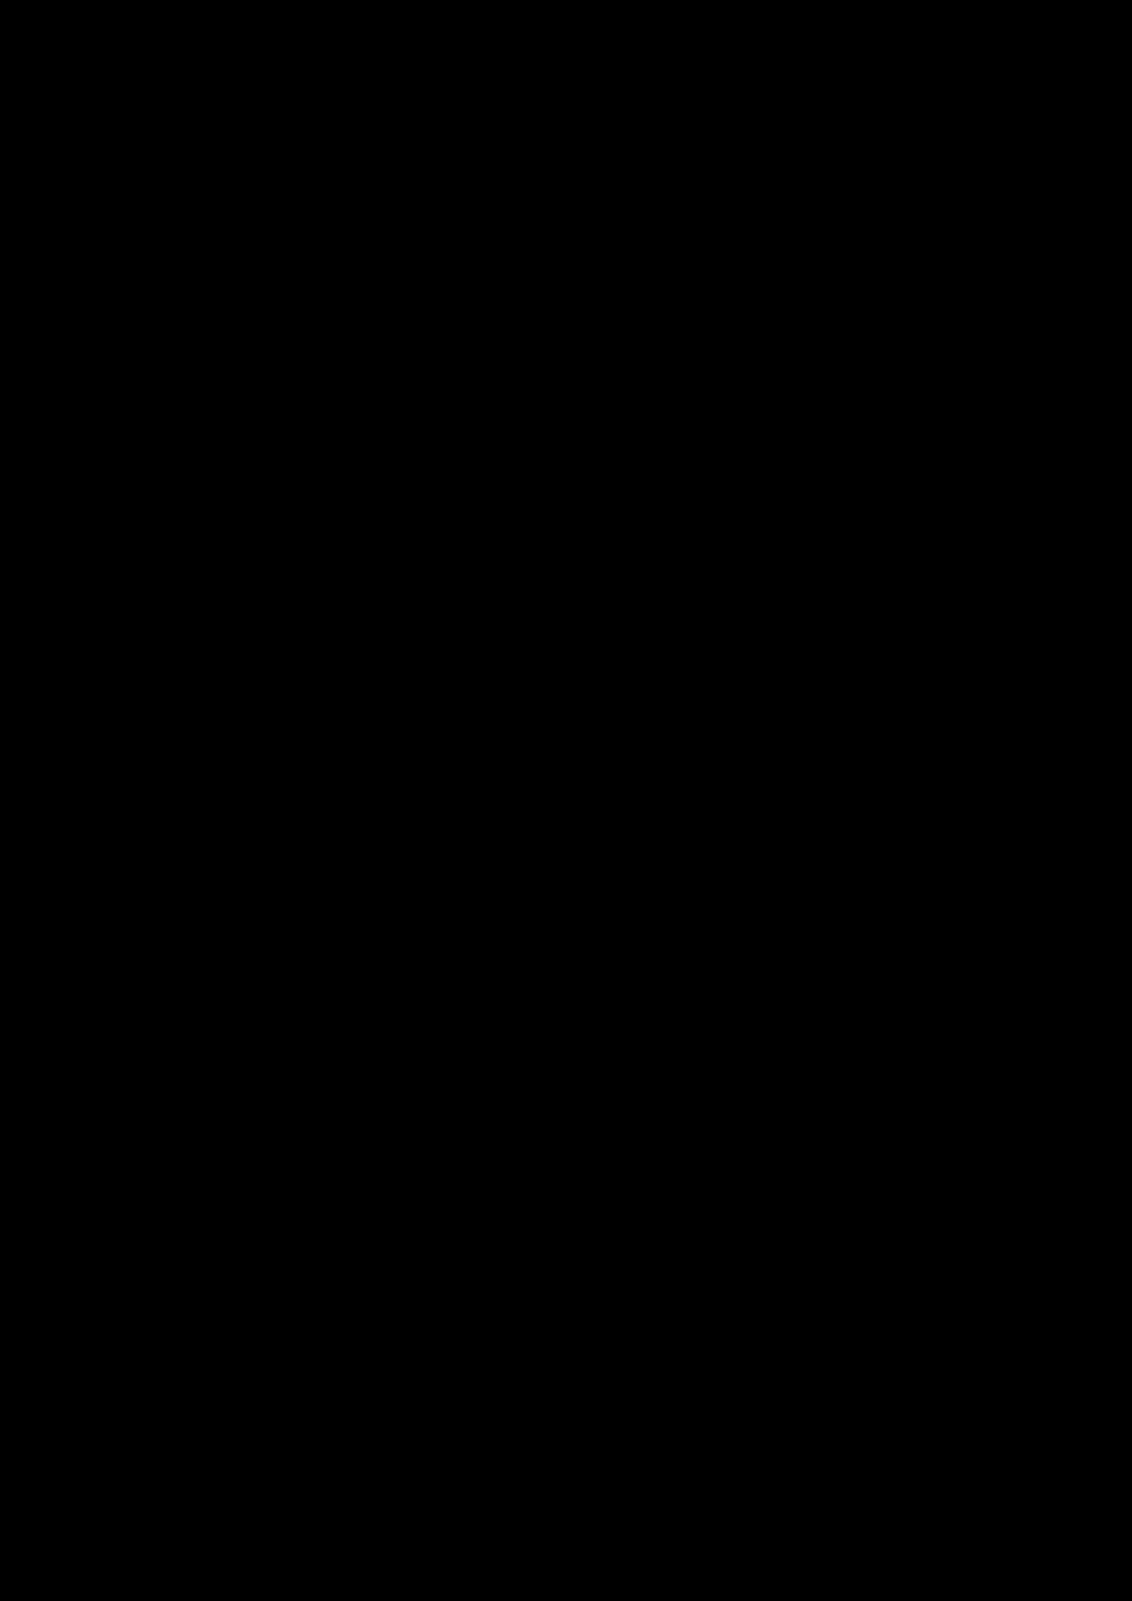 Serdtse slide, Image 45